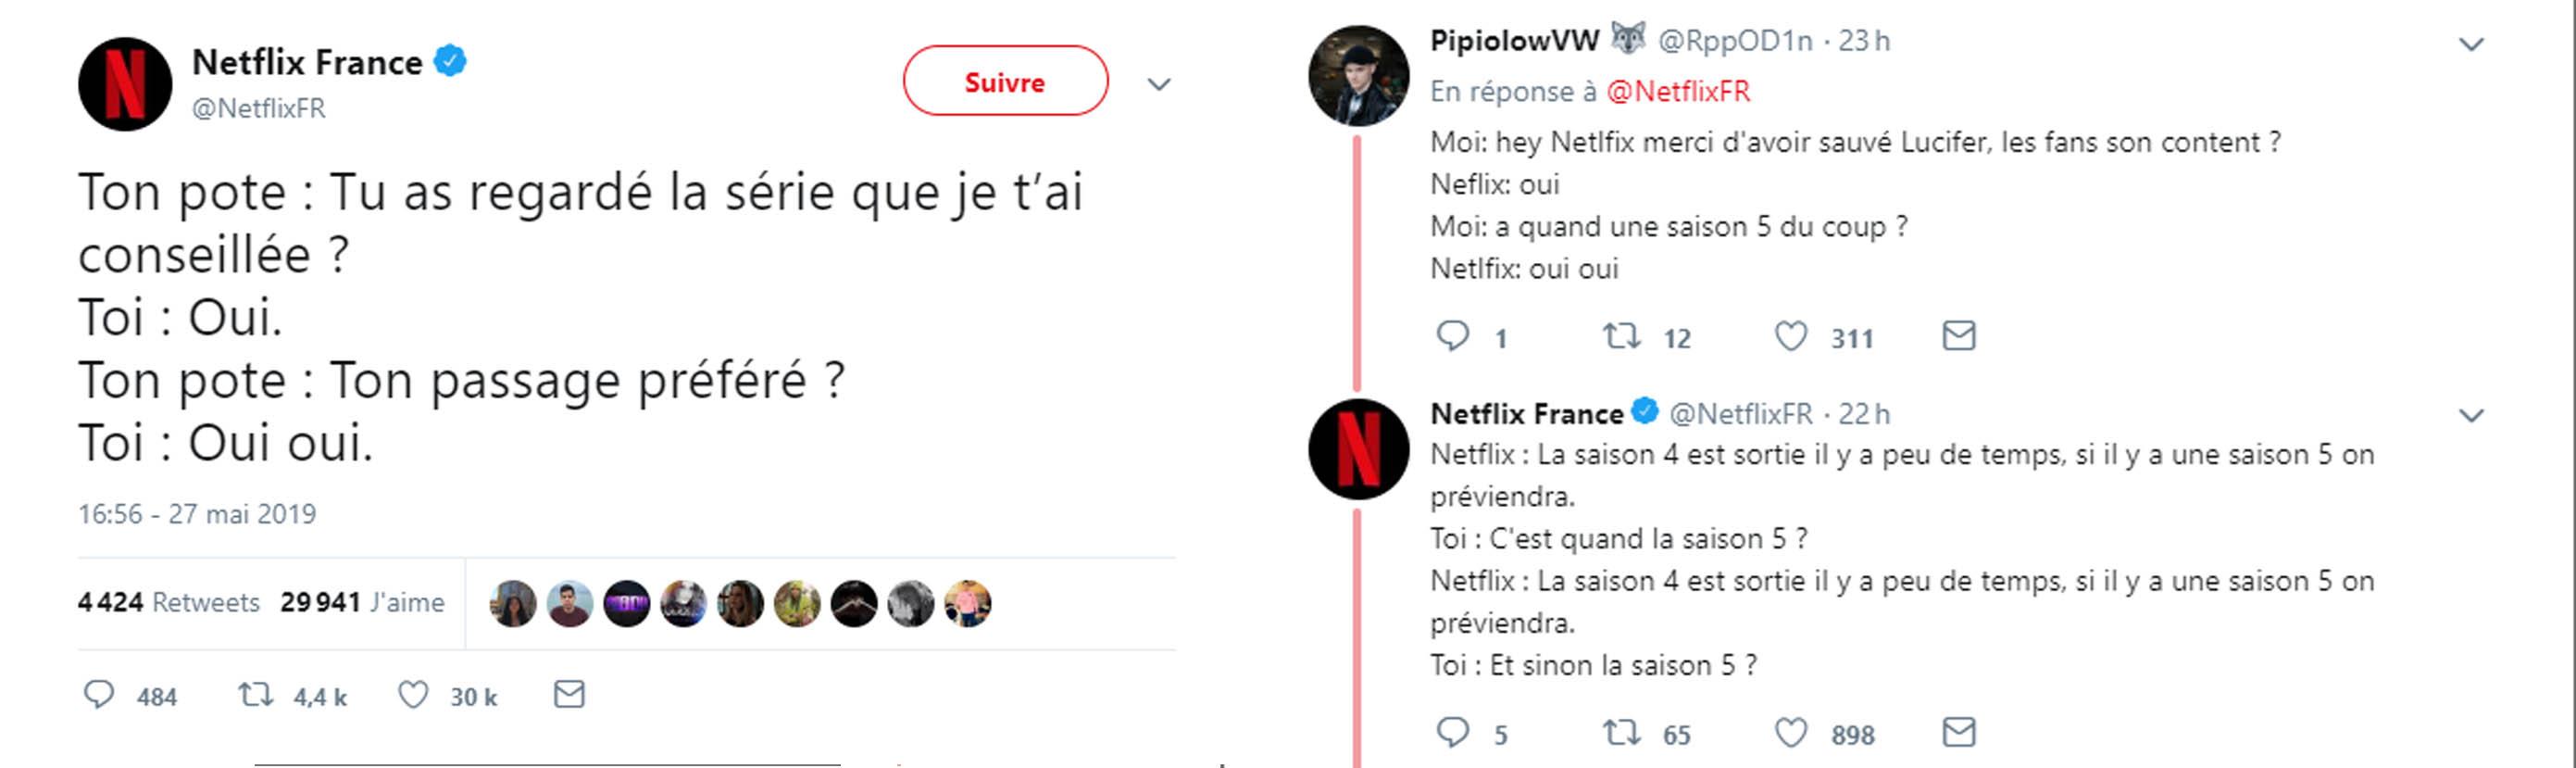 Illustration d'un échange sur twitter entre le community manager de Netflix et sa communauté.